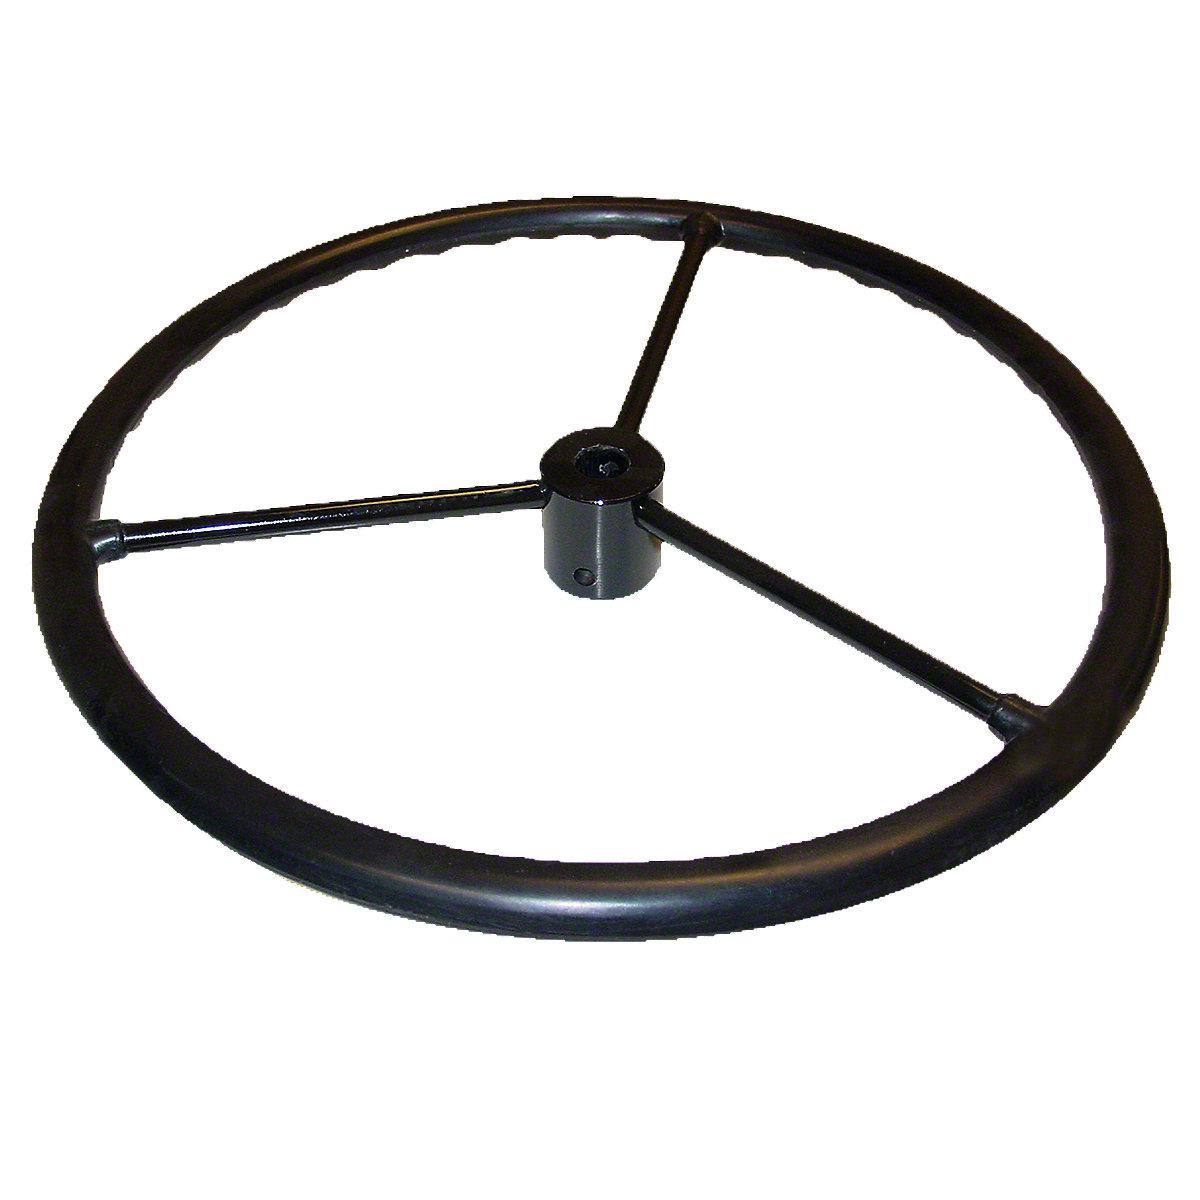 18 3 Spoke Steering Wheel For Allis Chalmers: D14, D17, WC, WD, WD45.